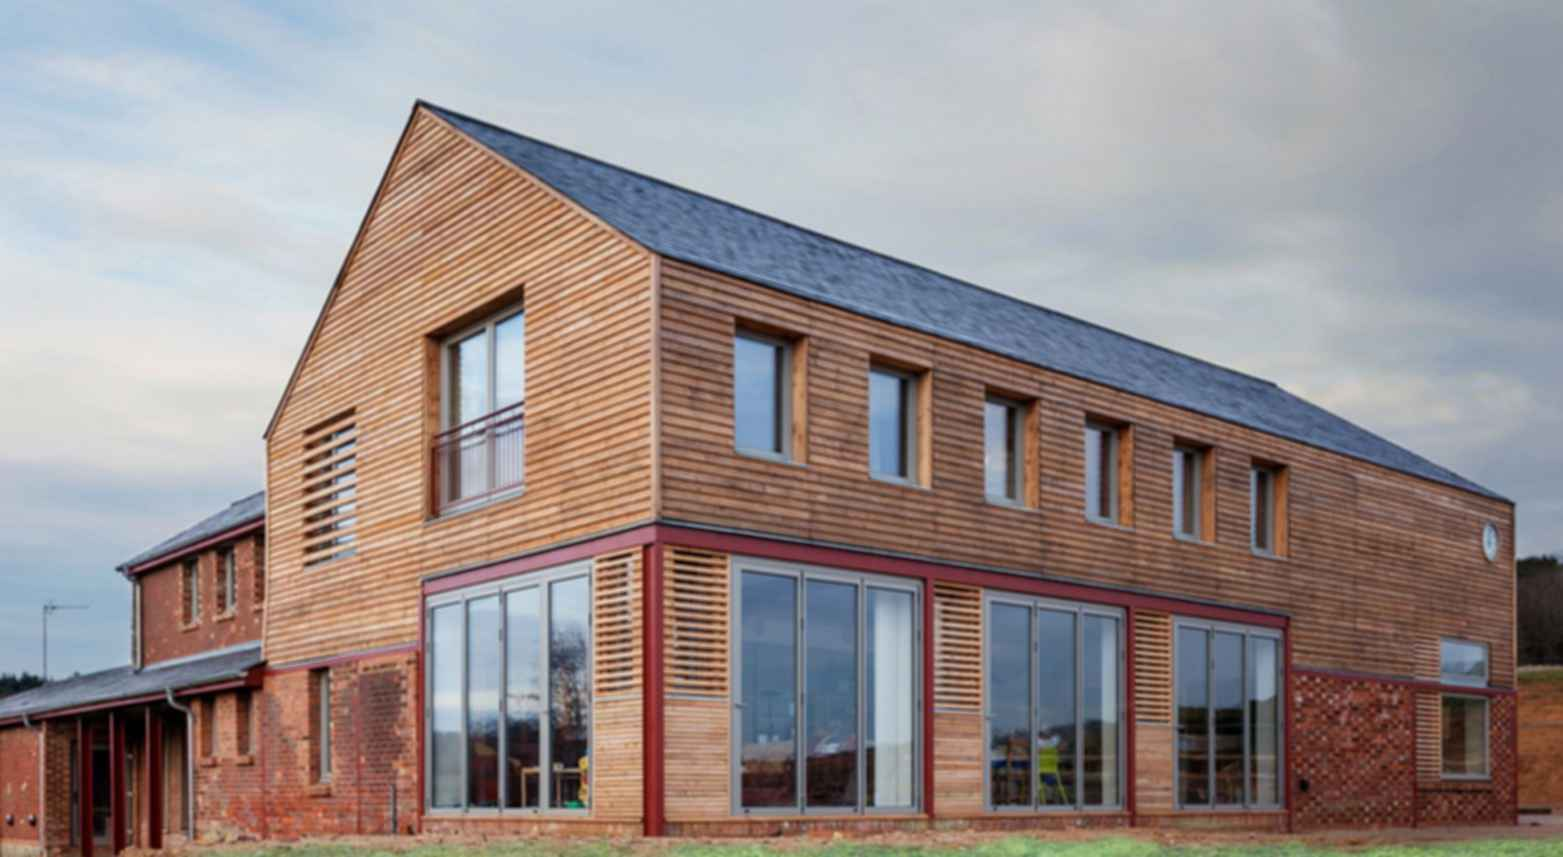 Timber Frame House - Exterior